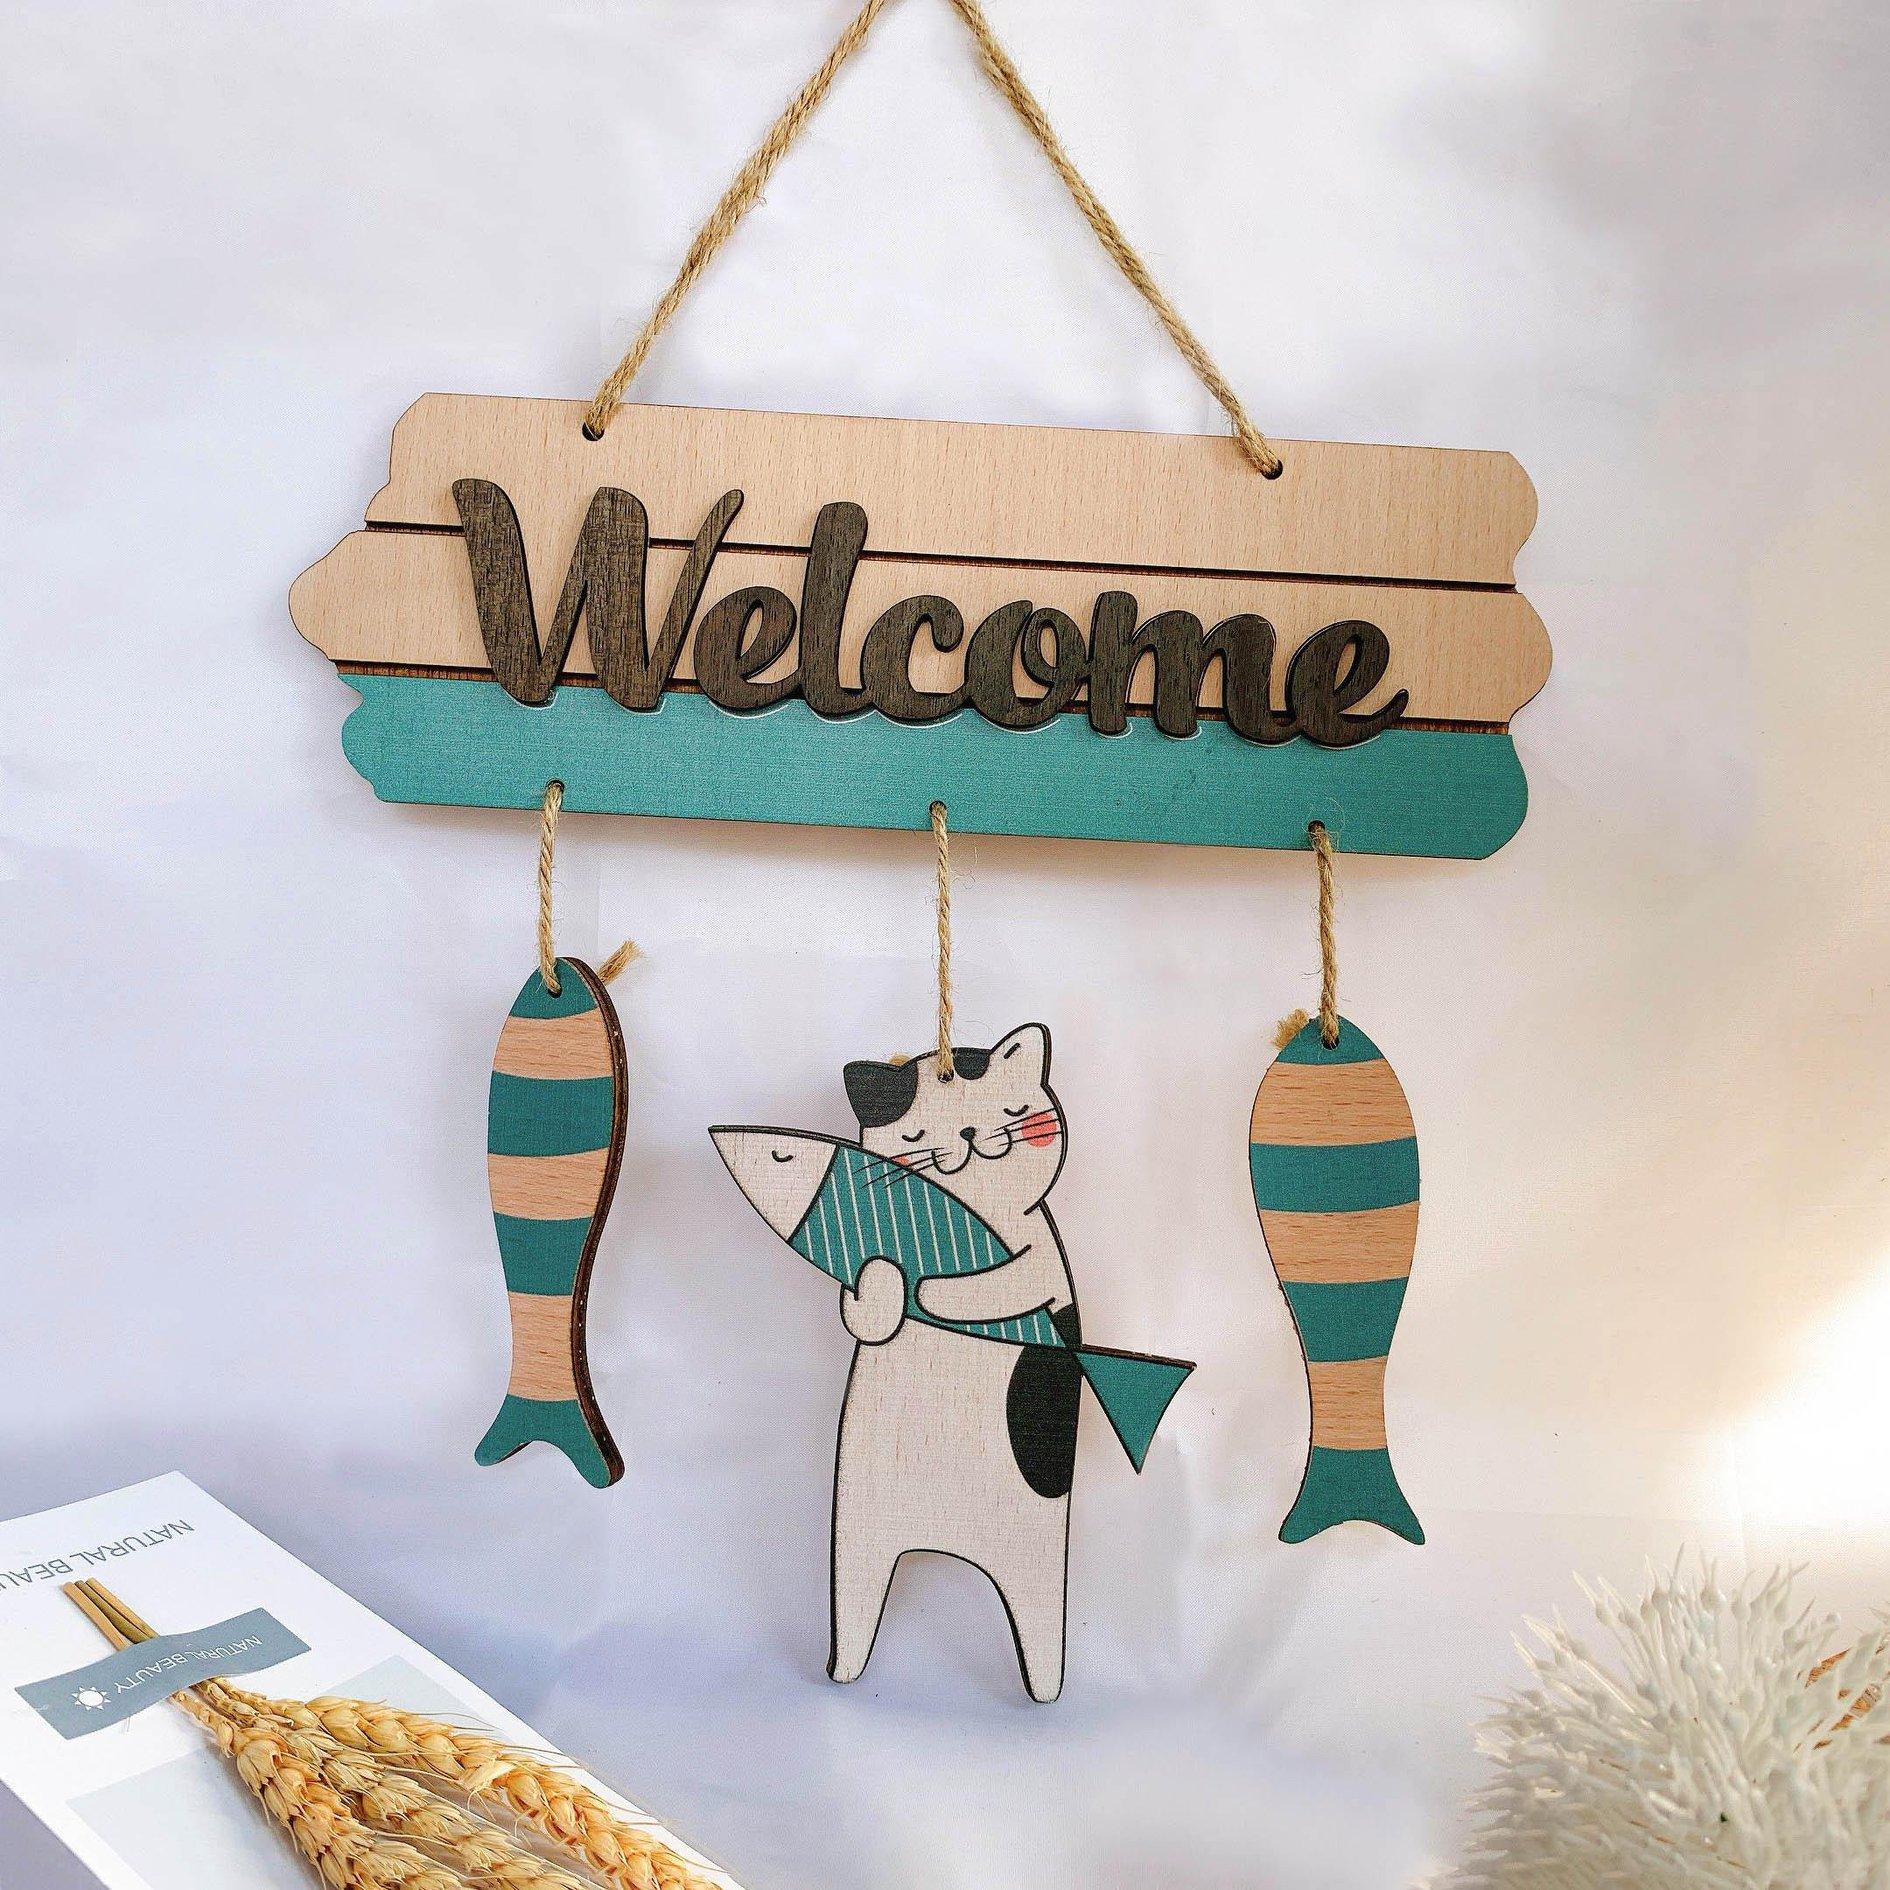 Bảng gỗ treo tường trang trí Welcome cá và mèo